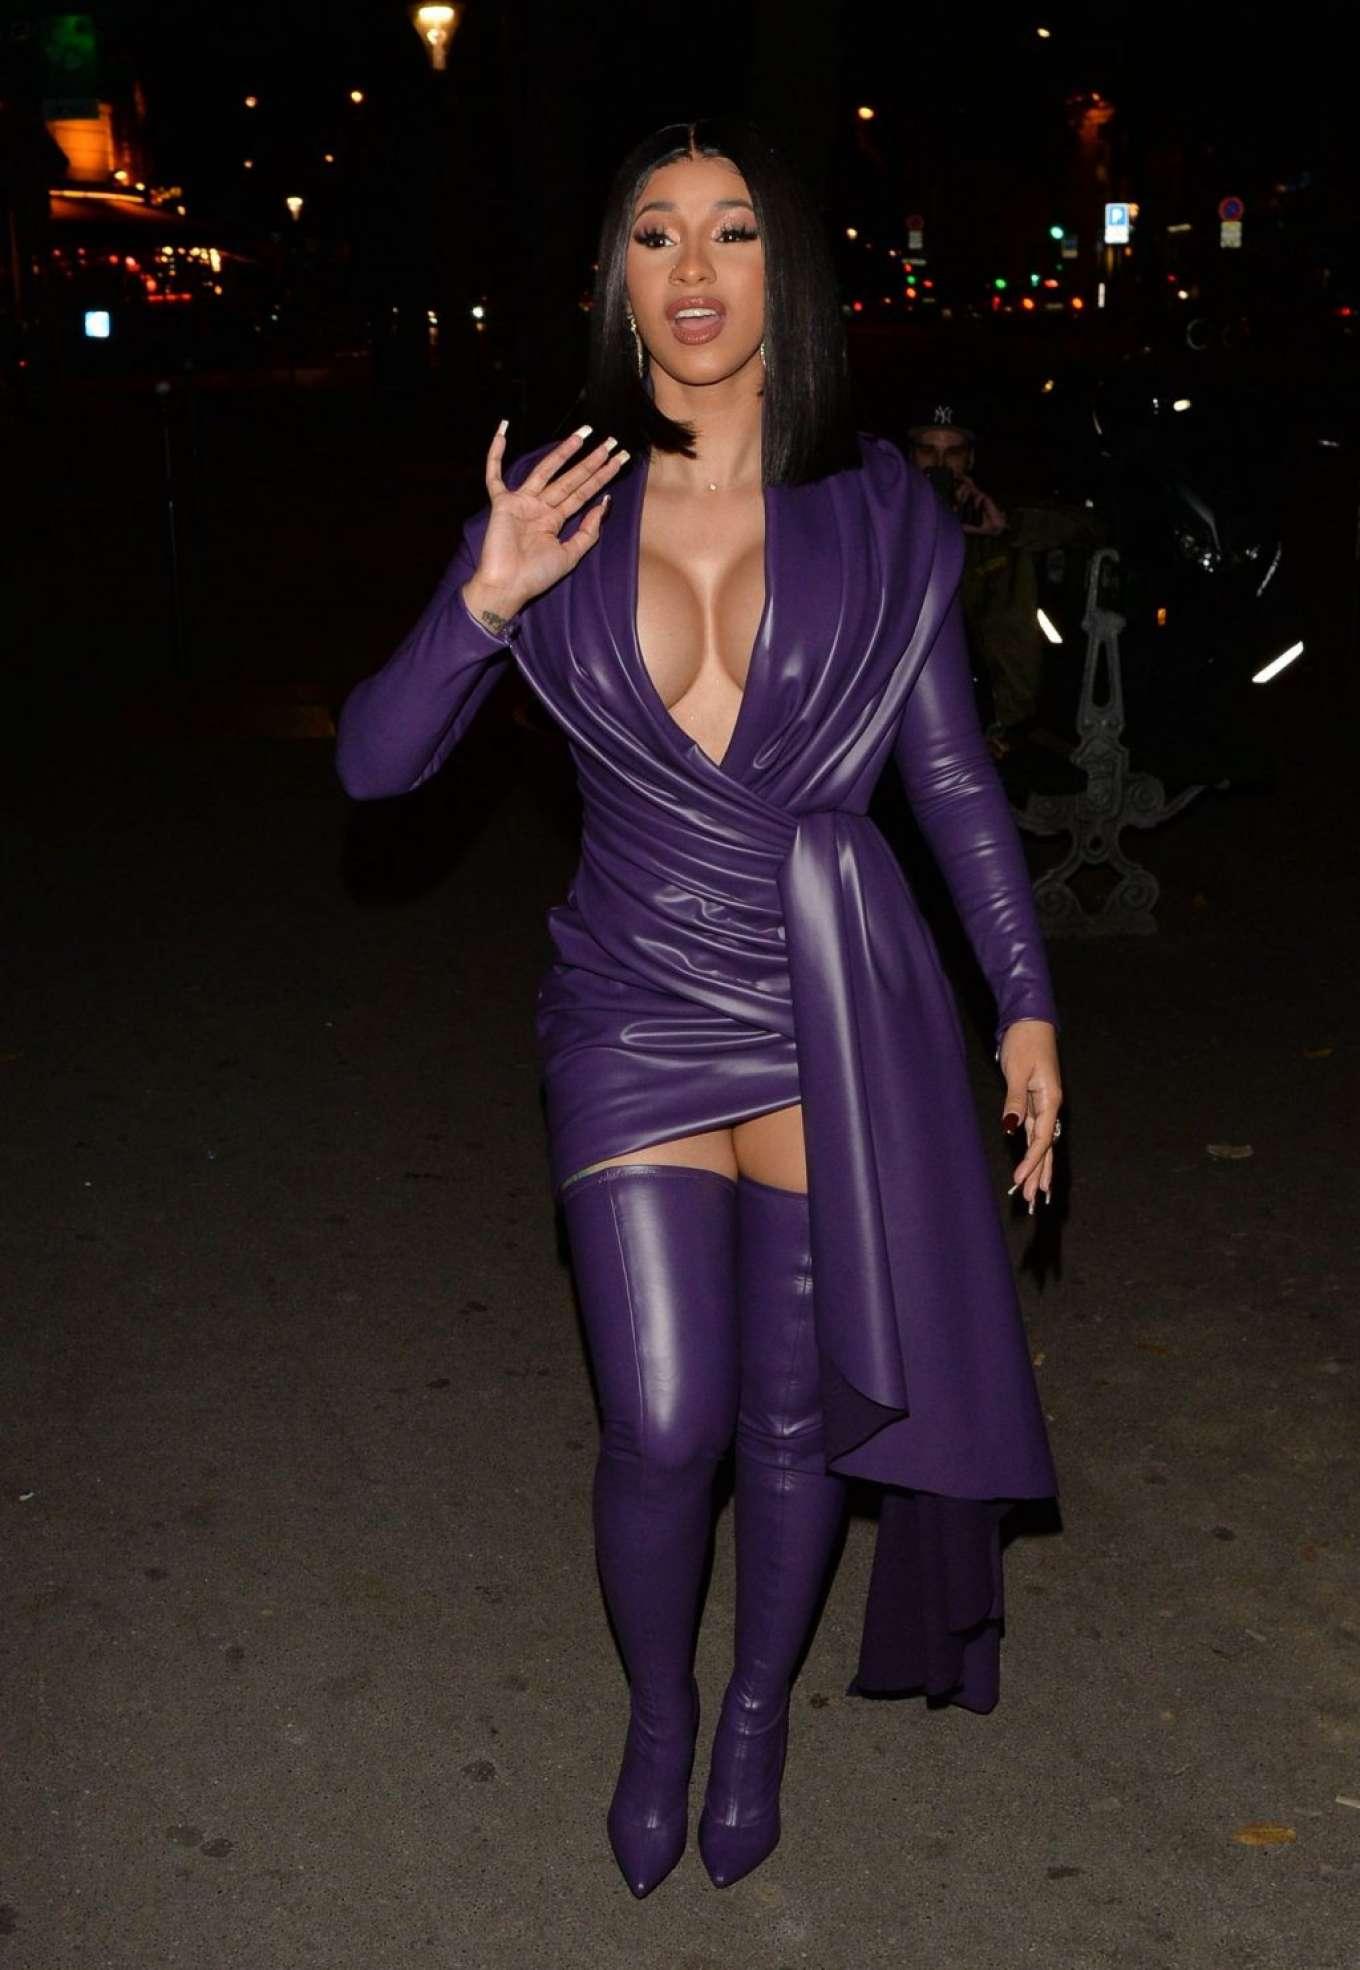 Cardi B 2019 : Cardi B in Low Cut Leather Dress – Out in Paris-17